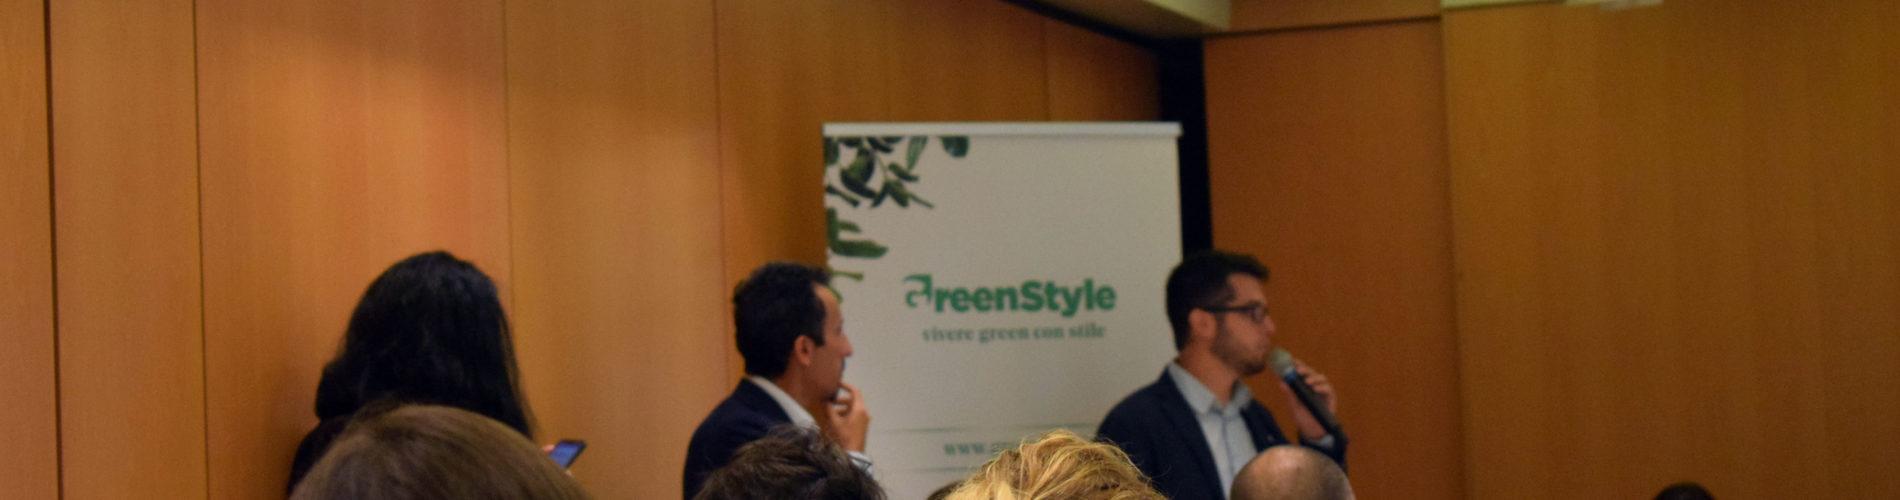 Introduzione al convegno sui green influencer di GreenStyle al Sana di Bologna 2019